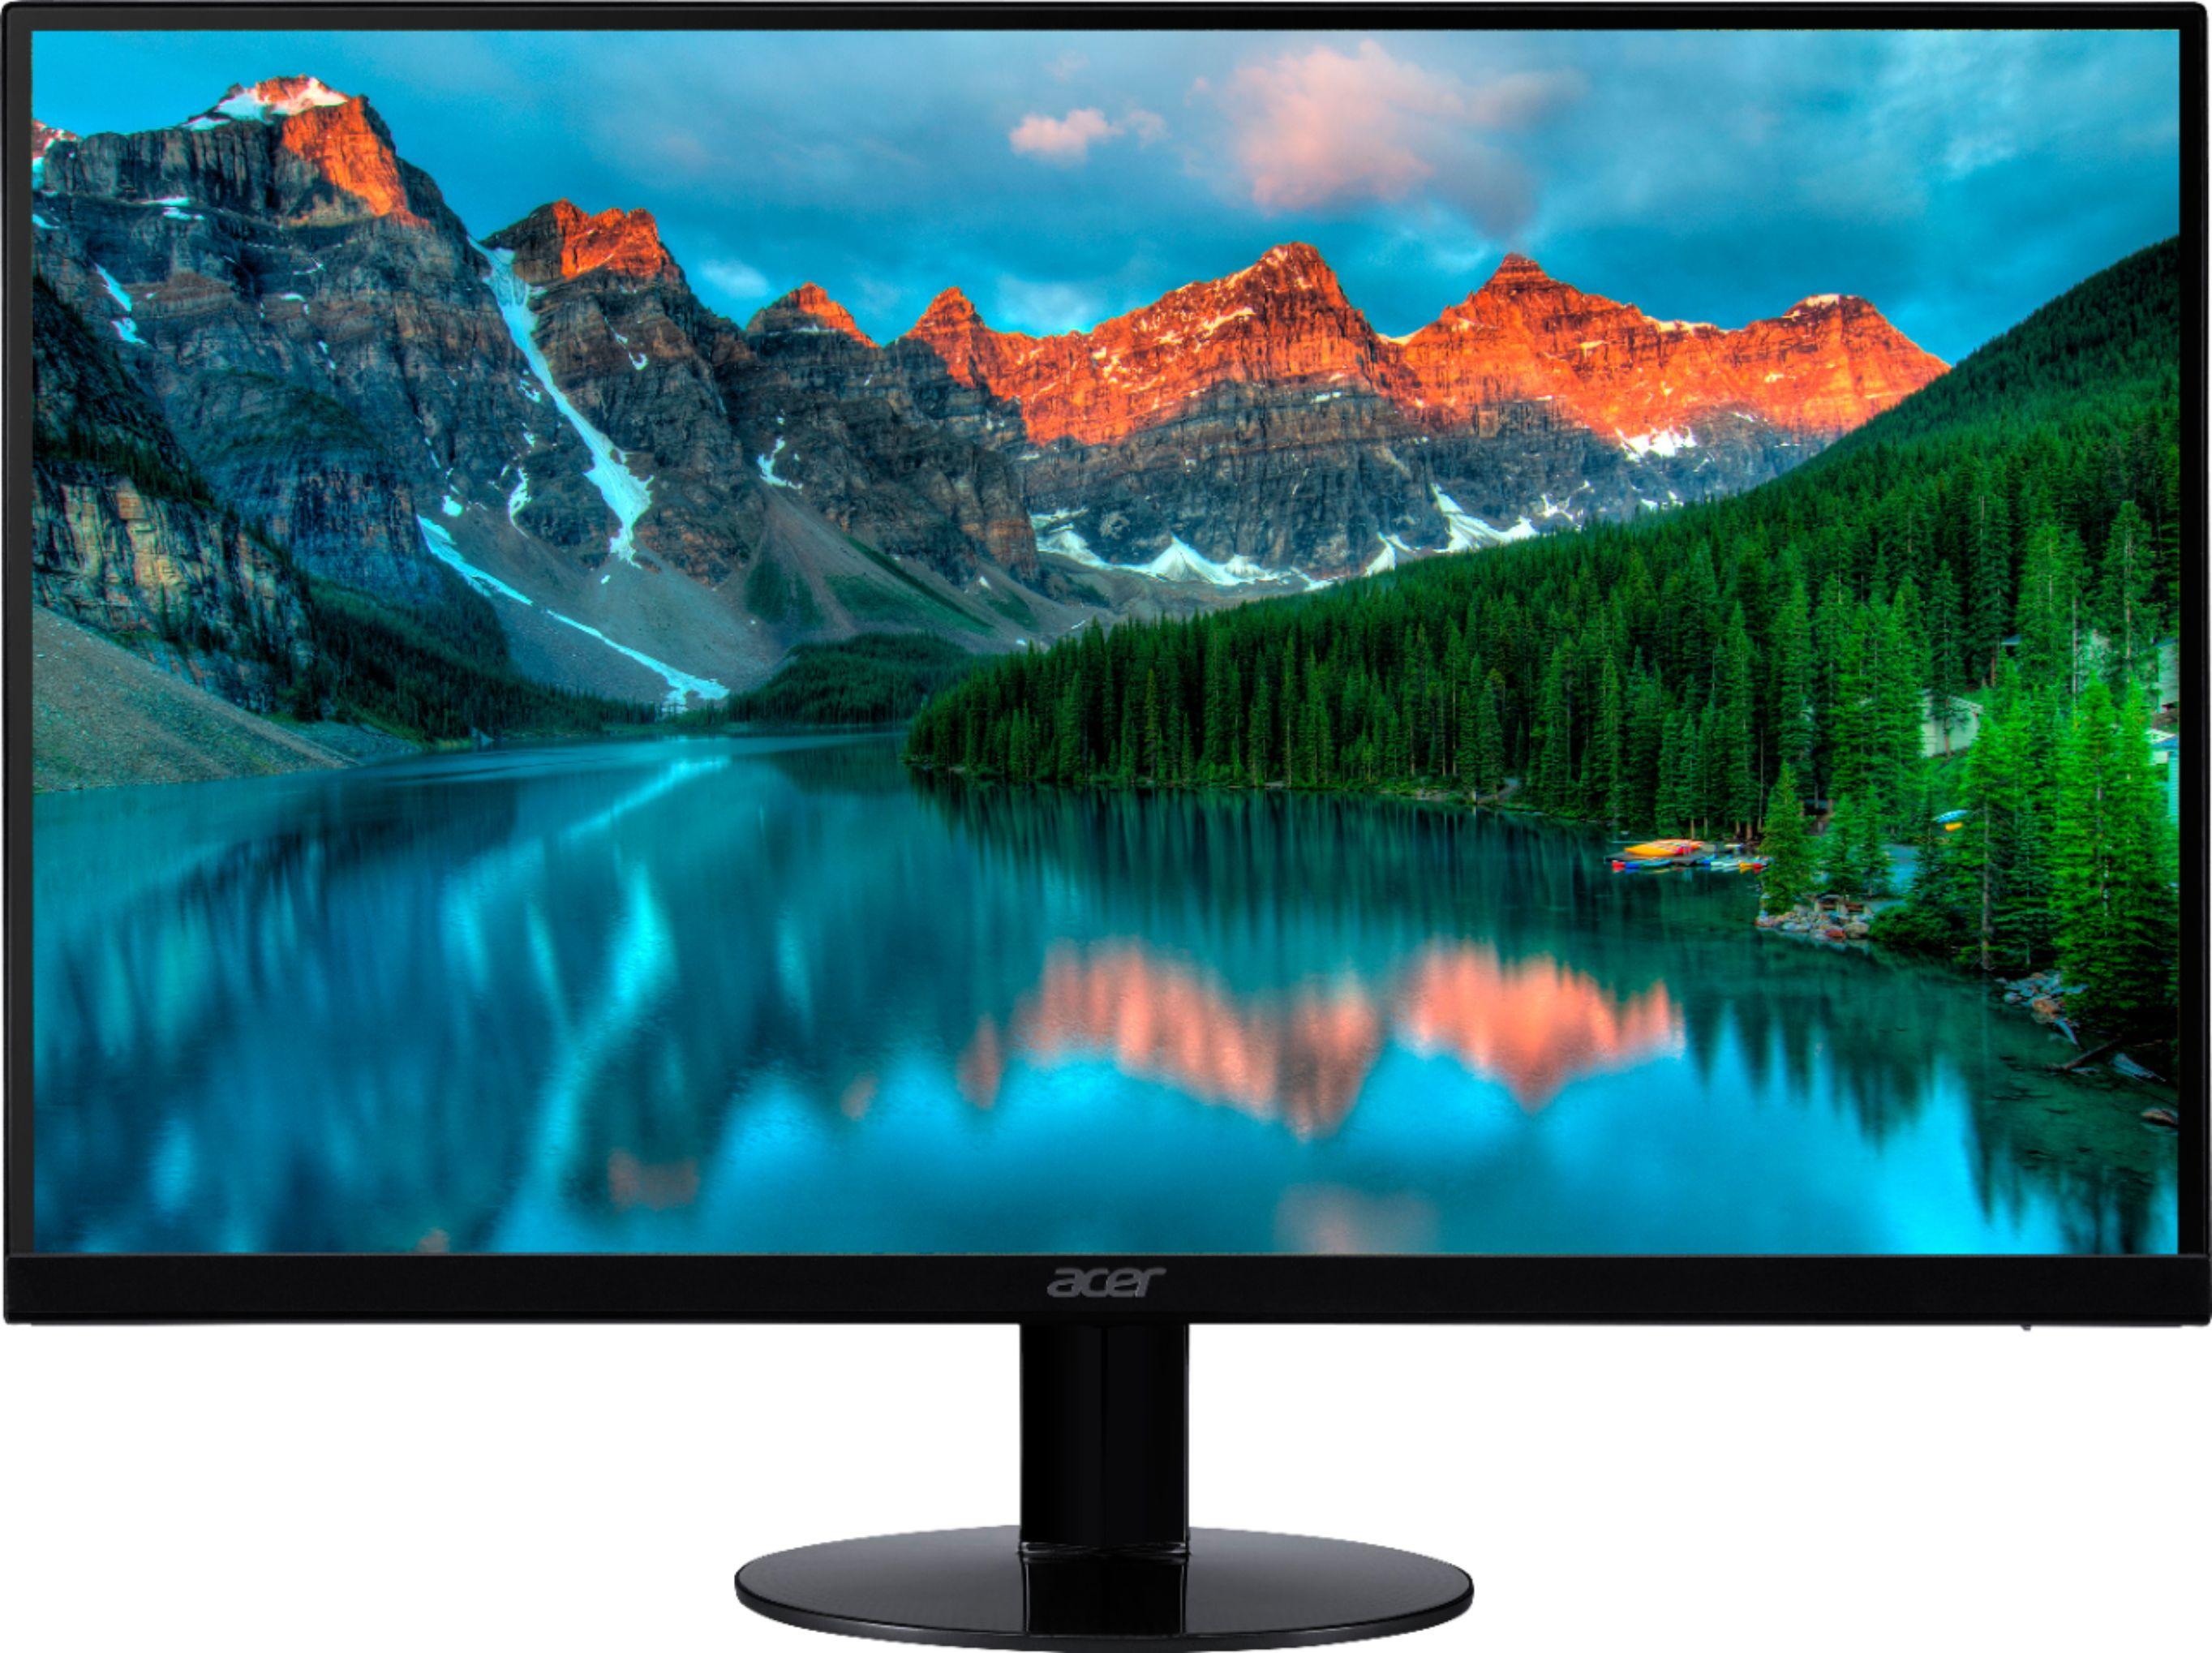 """Acer SA230 23"""" IPS LED FHD Monitor + F/S $99.99"""